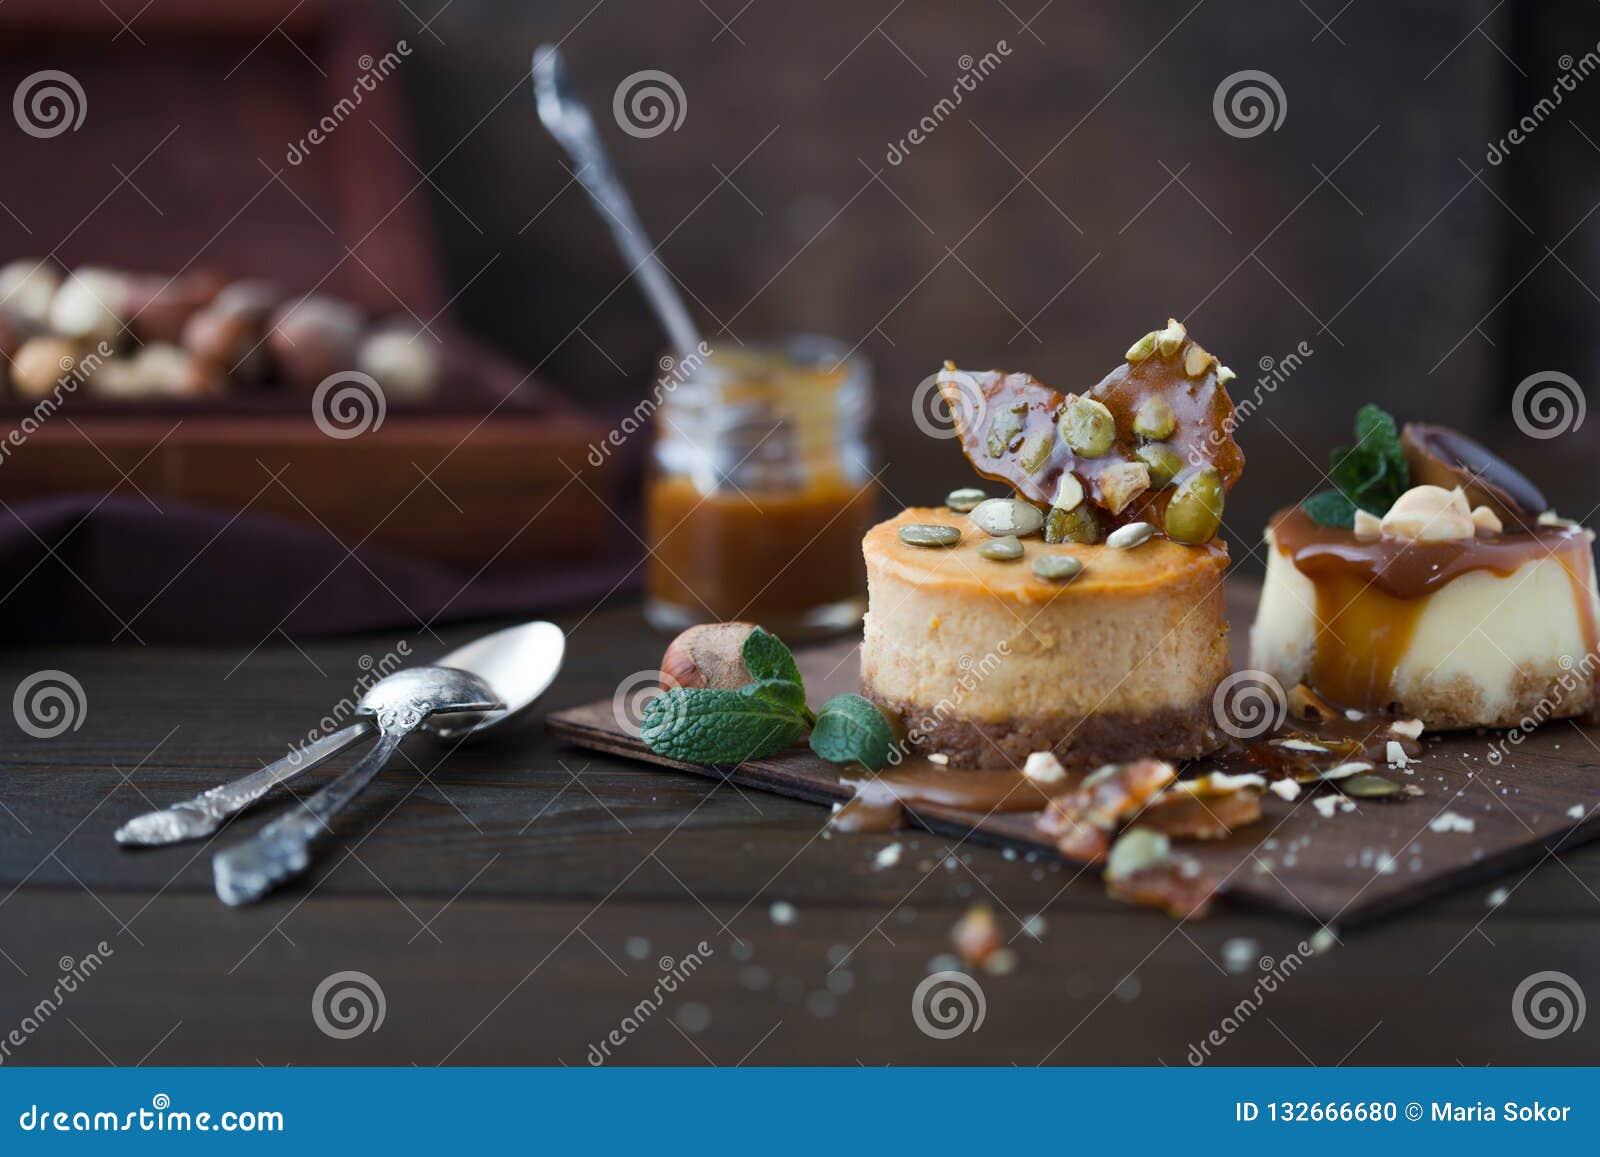 Receta tradicional de la torta del invierno del pastel de queso de la Navidad Rebanada del pastel de queso